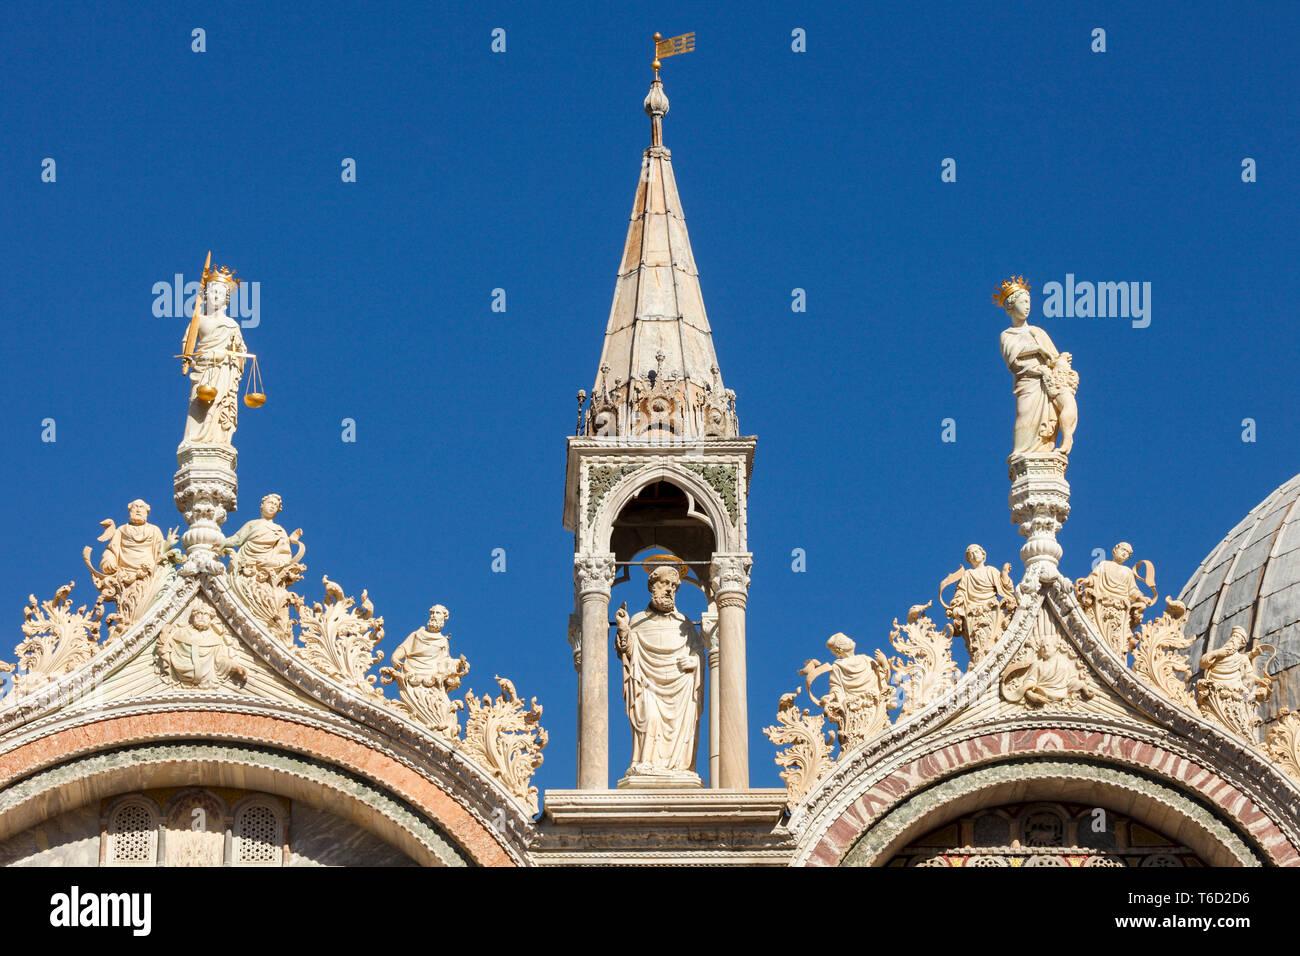 Detalles de decoración en la Basílica de San Marco, Venecia, Véneto, Italia. Foto de stock